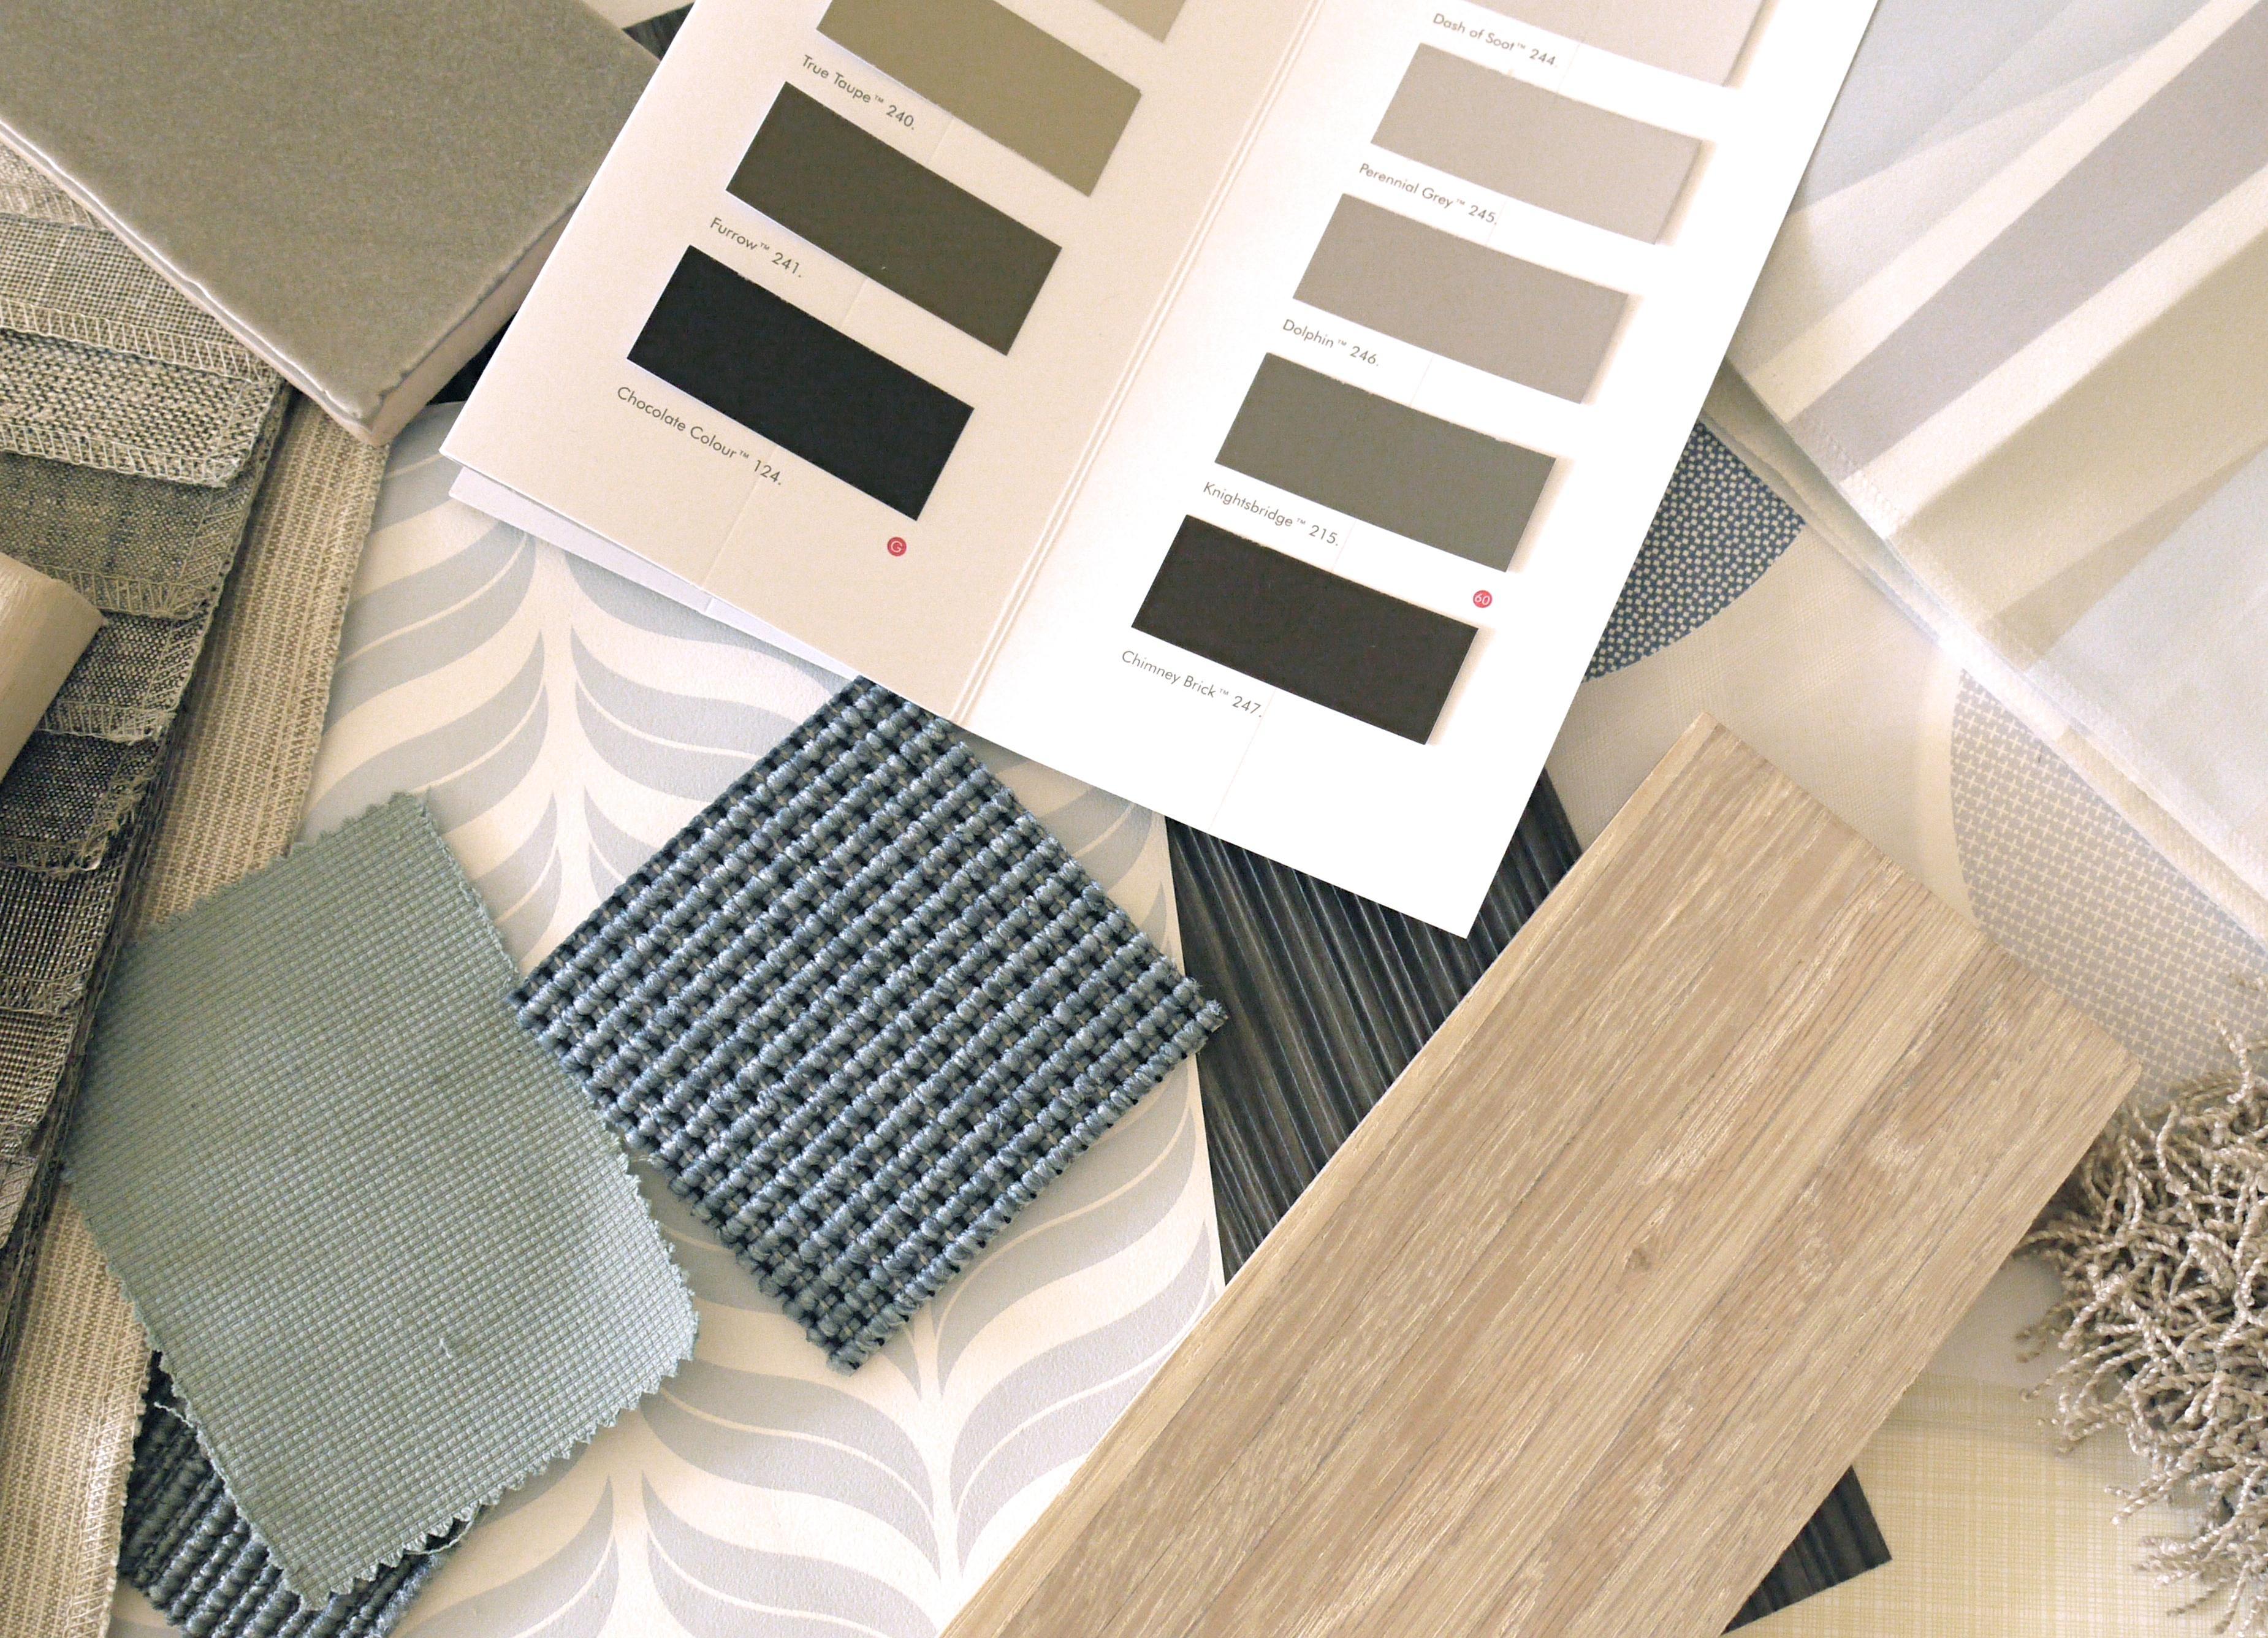 Einrichtungsbeispiele Wohnung einrichtungsbeispiele für eine wohnung teppich moo